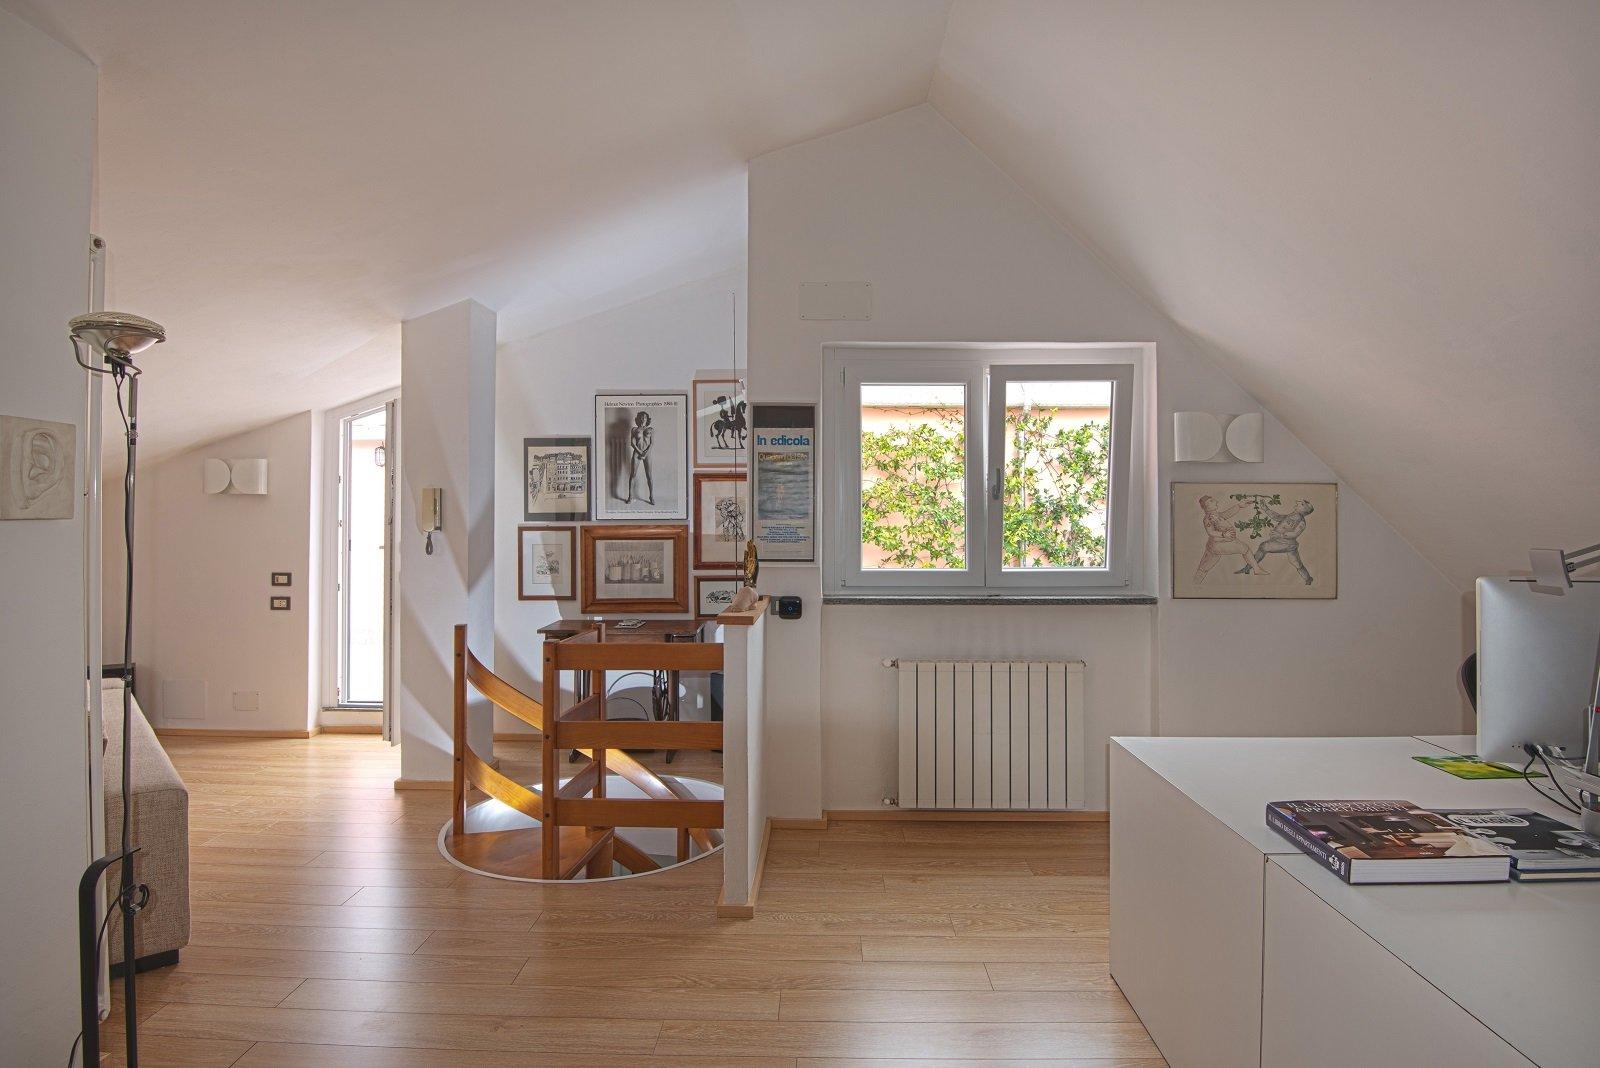 Pareti e soffitto bianchi per un effetto di maggiore - Disegni per parete ...